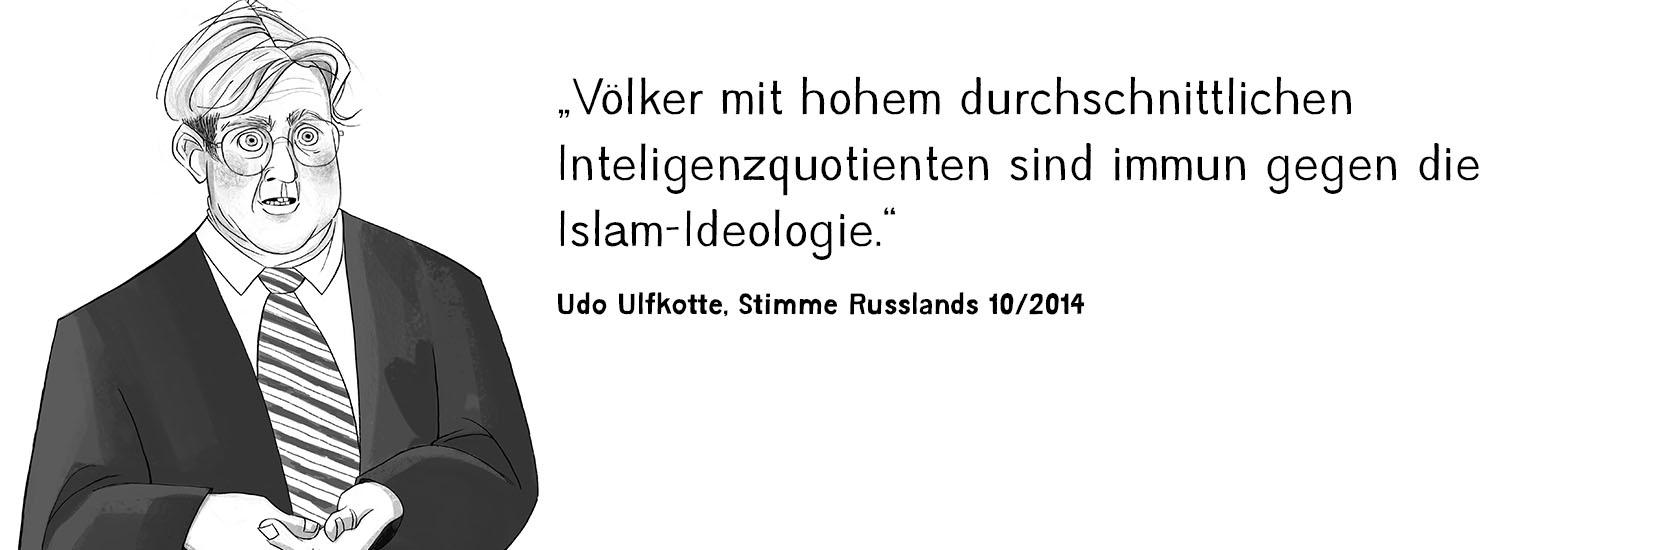 Udo Ulfkotte